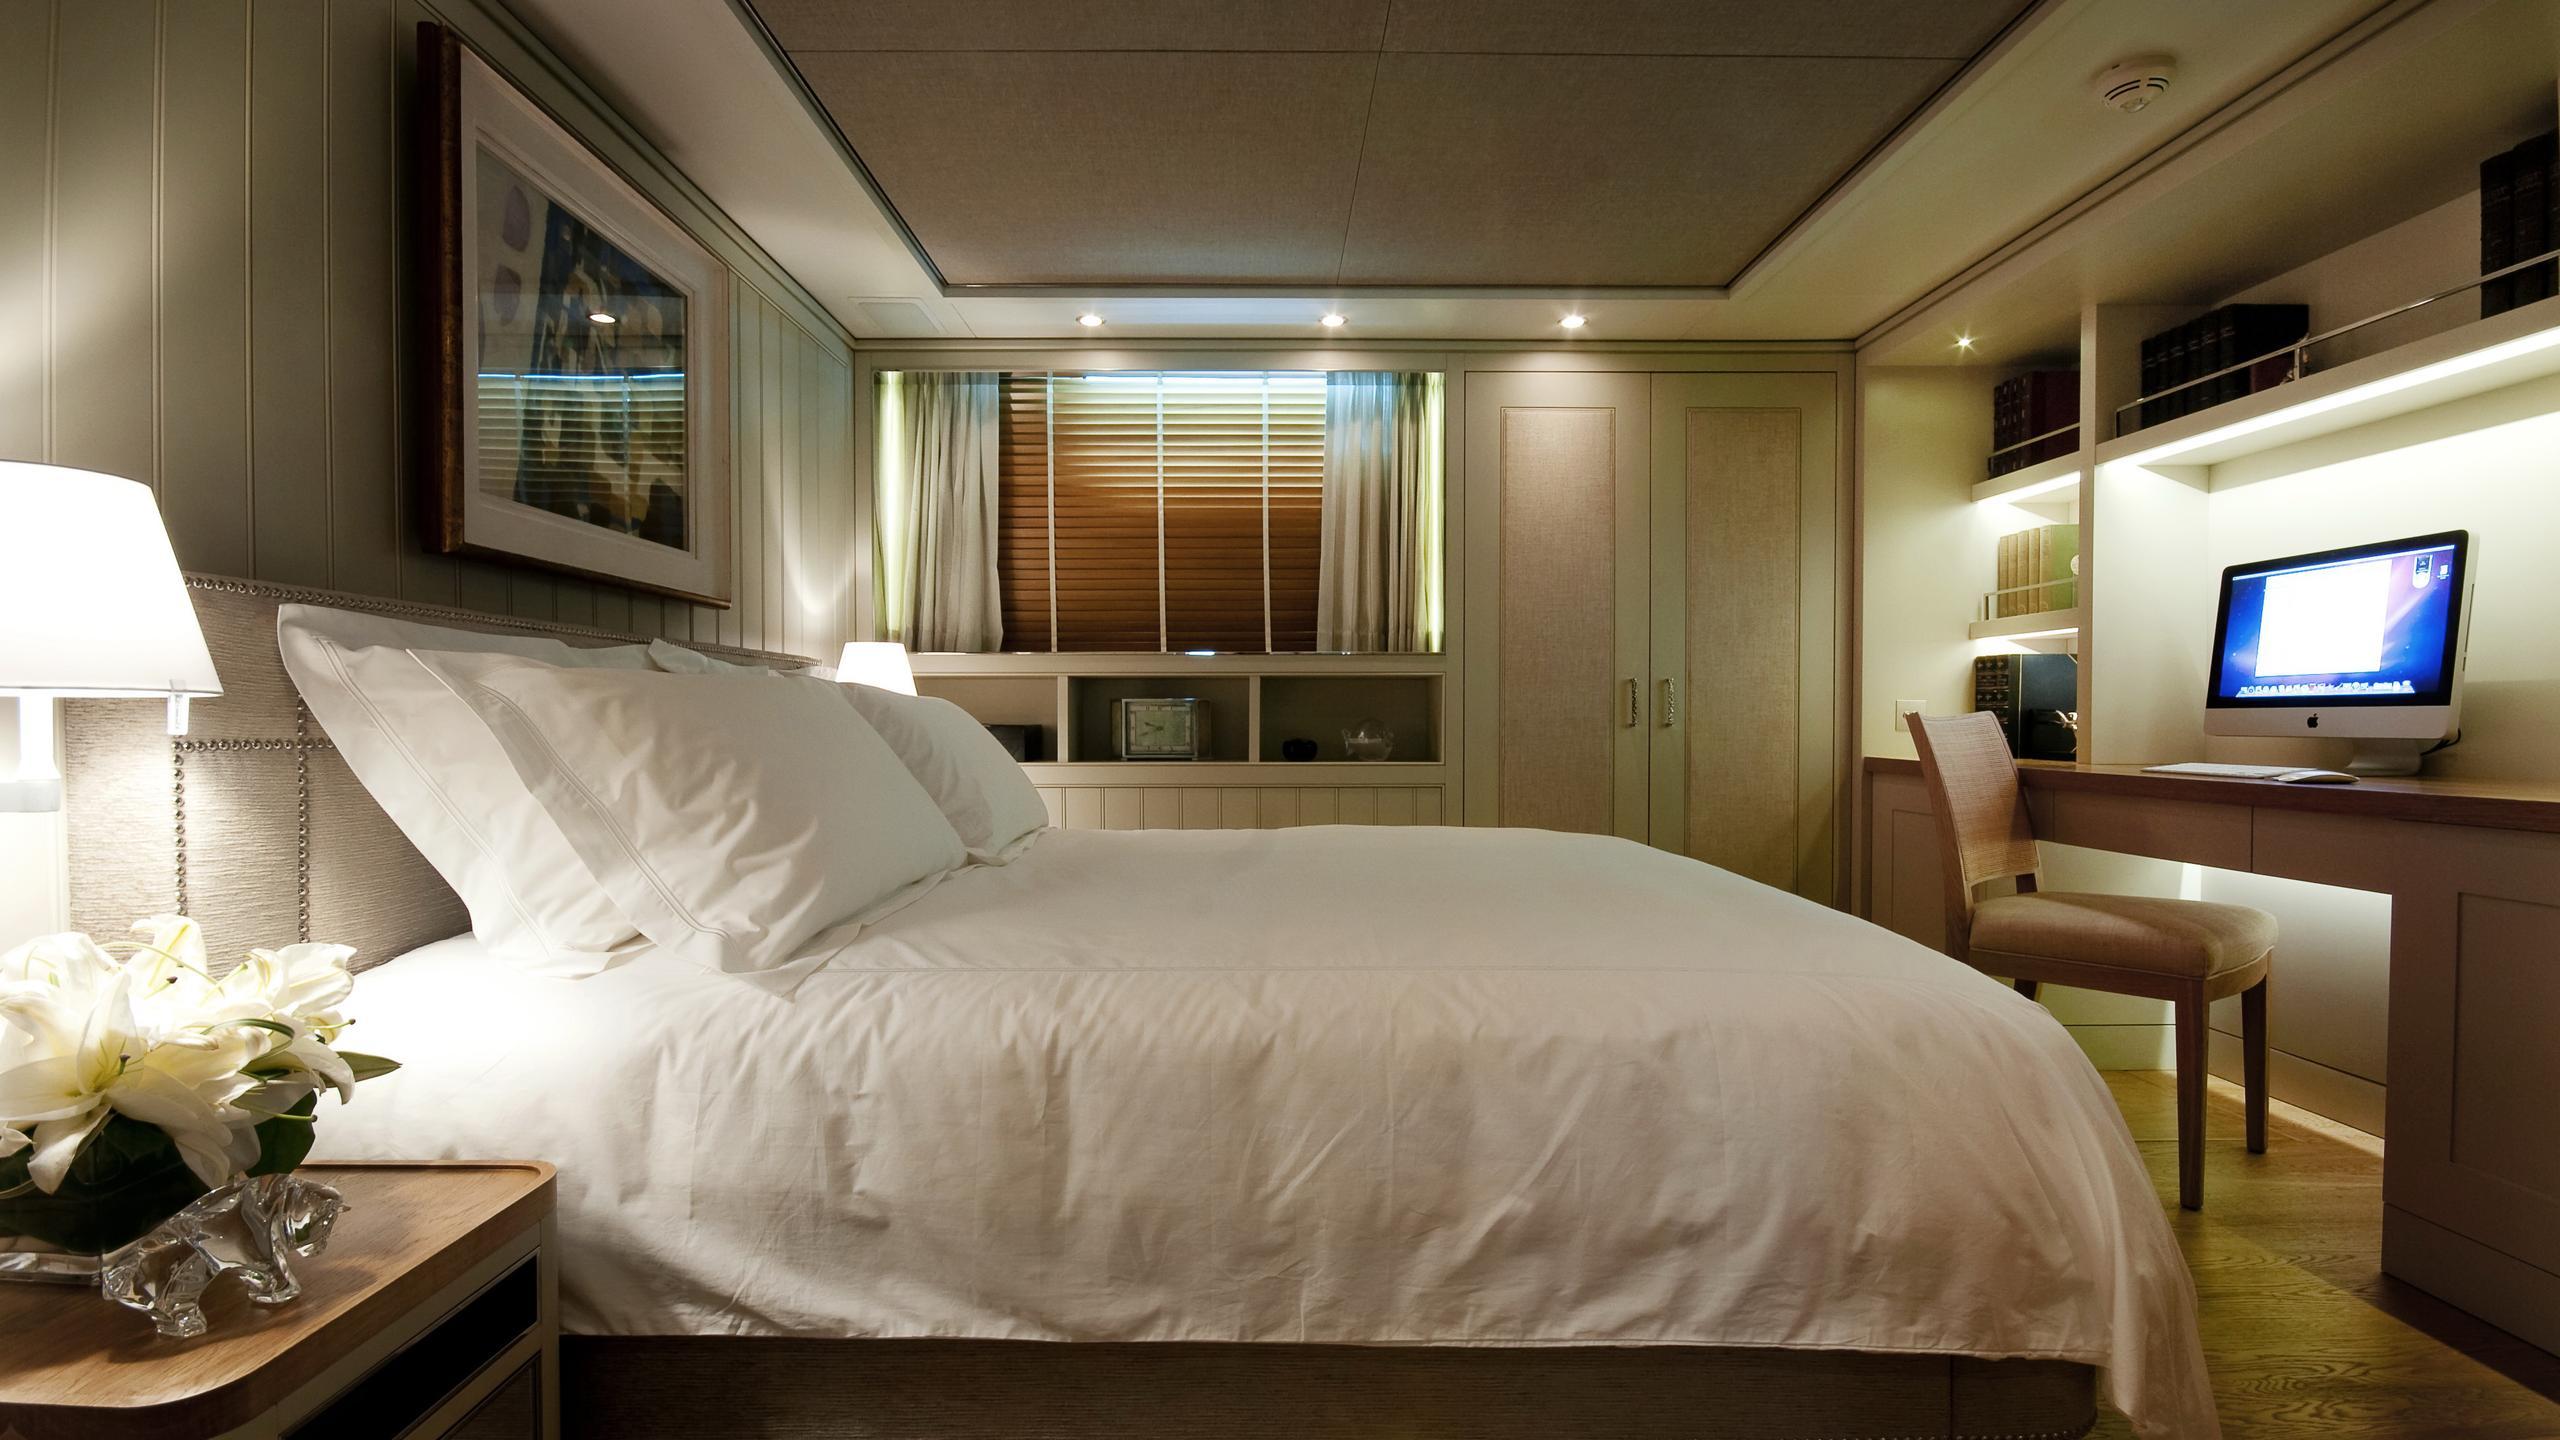 belle-isle-yacht-double-cabin